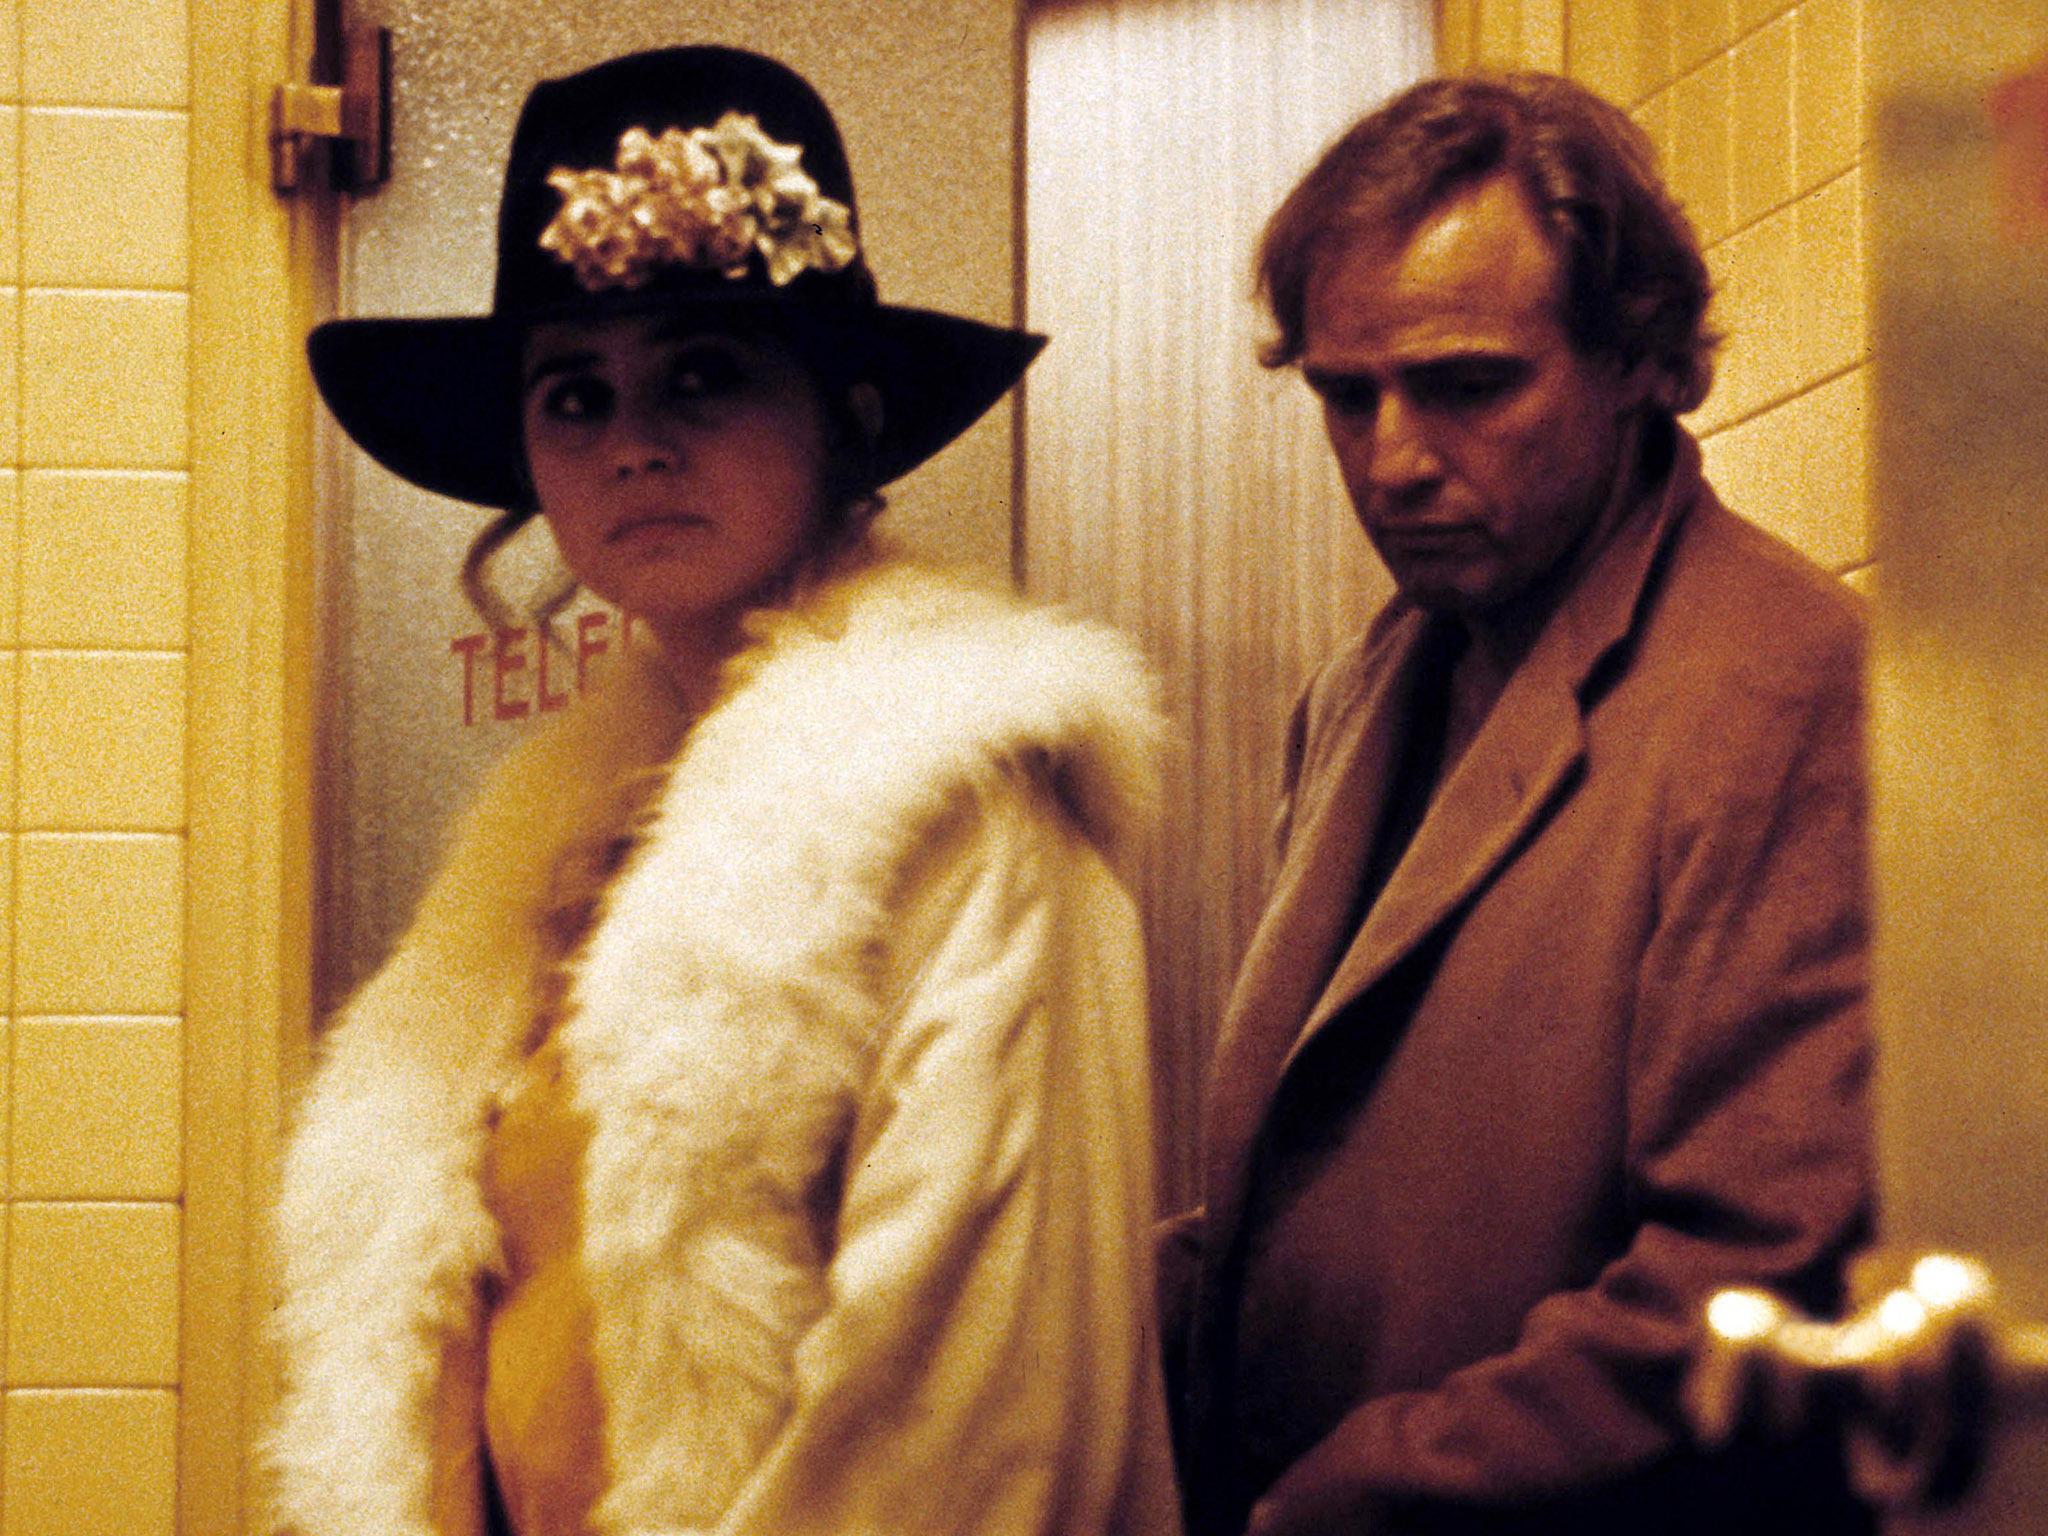 Os melhores filmes italianos sobre amor e traição